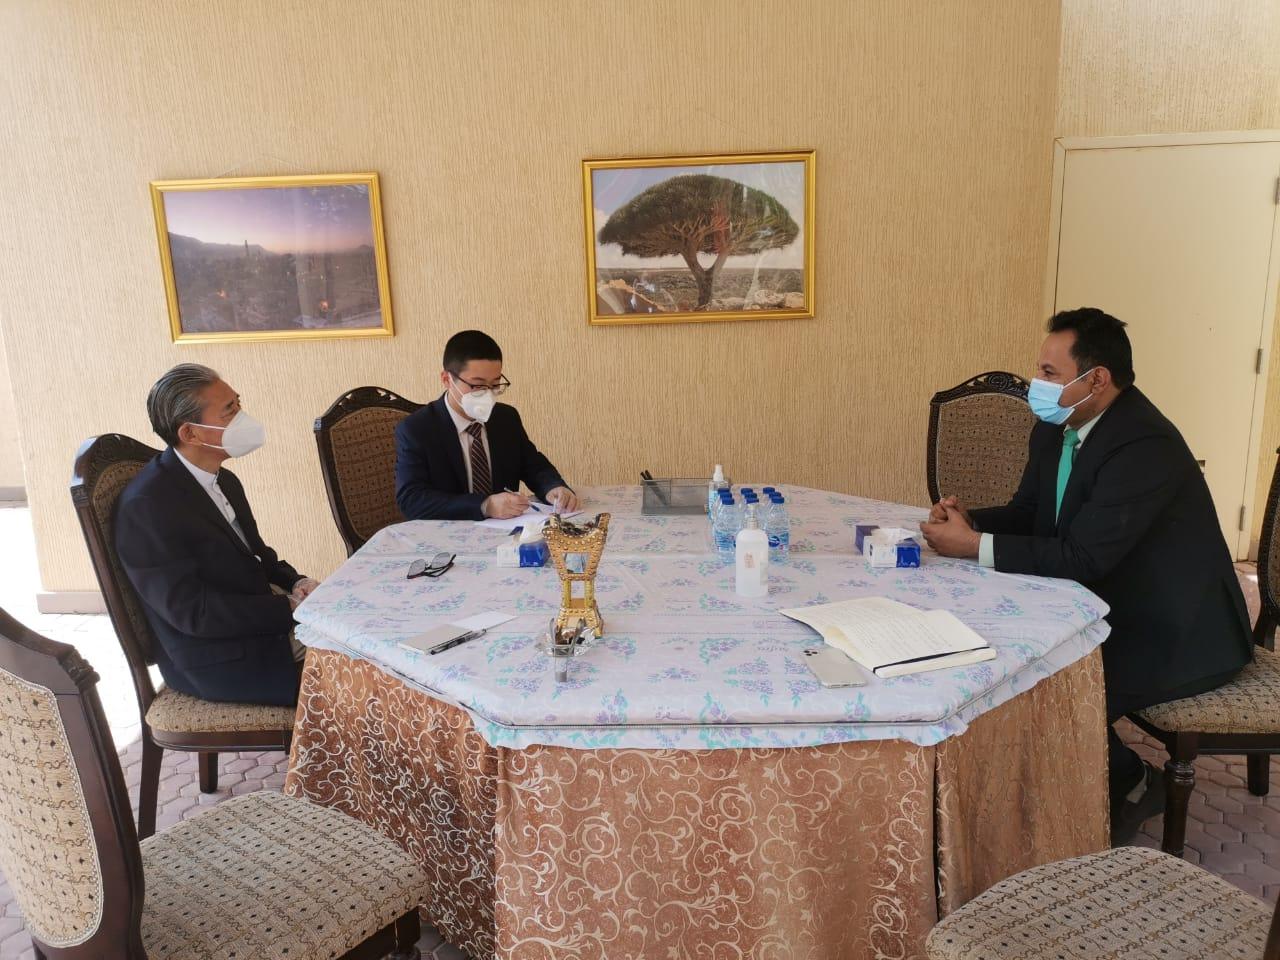 ممثل خارجية الانتقالي الشبحي يناقش مع السفير الصيني المستجدات على الساحة السياسية